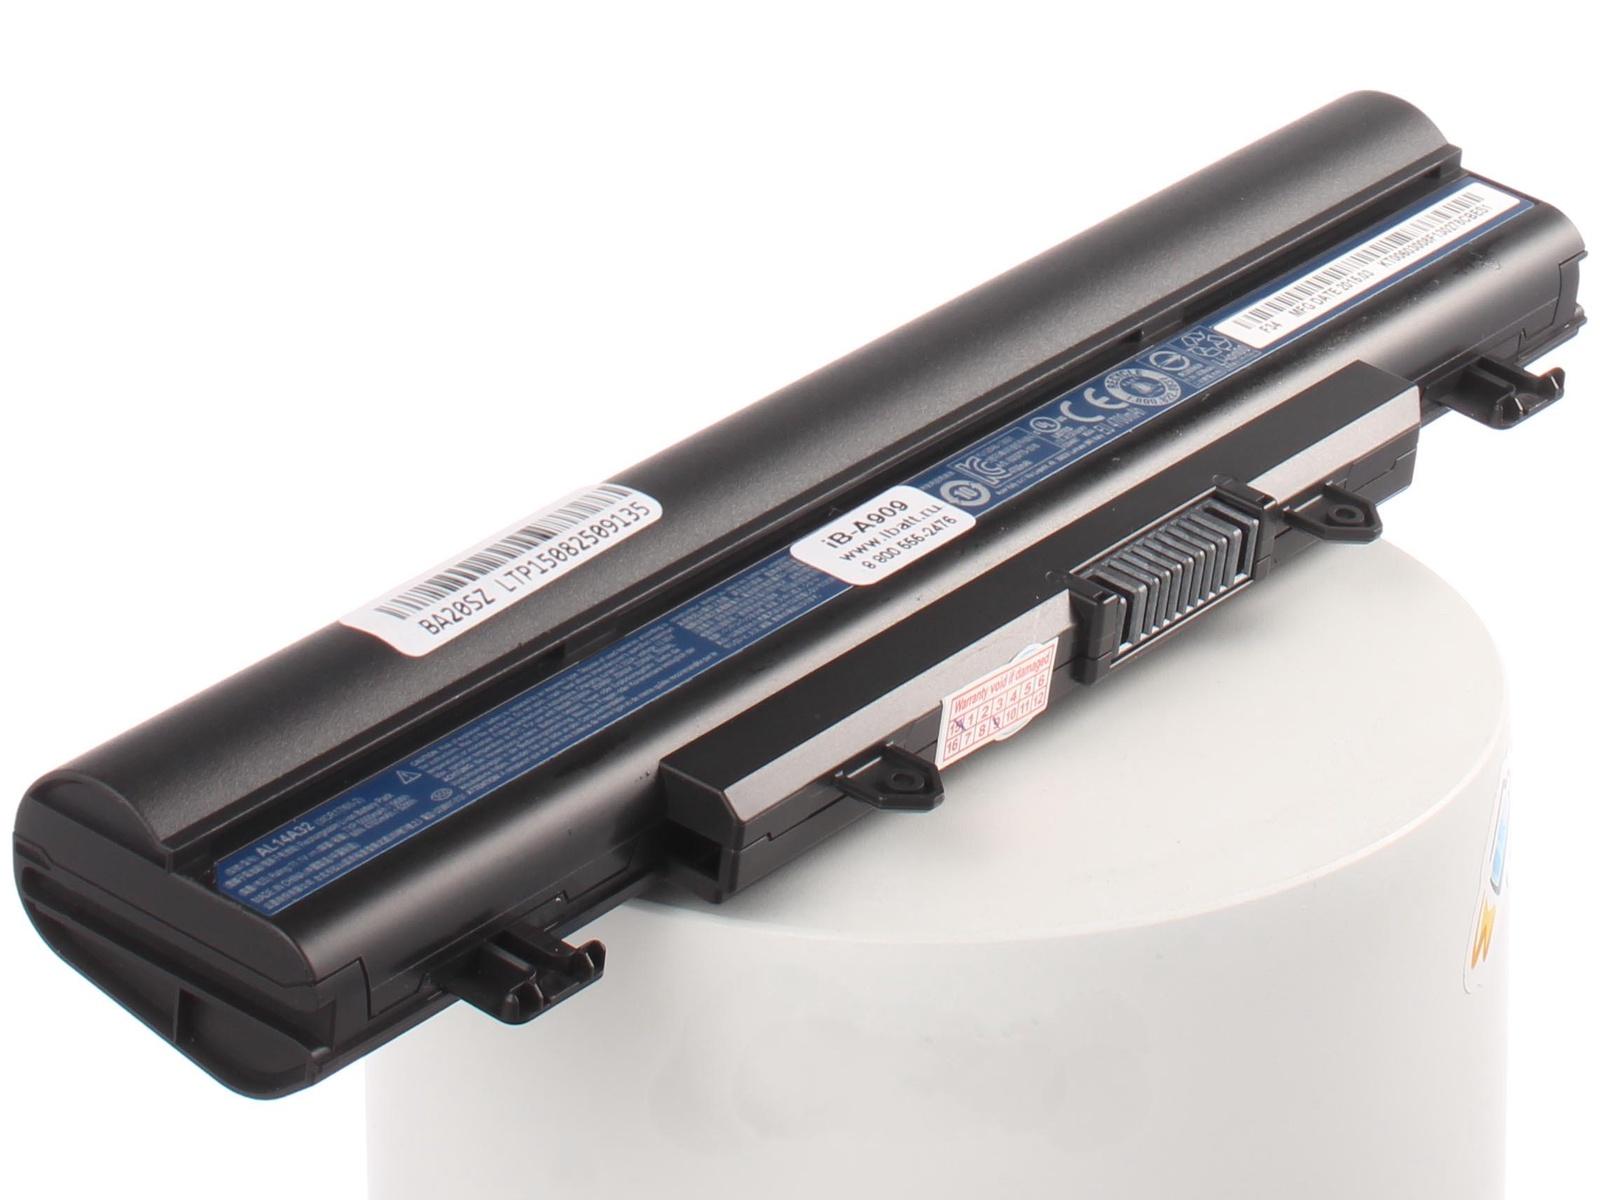 Аккумулятор для ноутбука iBatt для Acer ASPIRE E5-571-30NN, Aspire E5-571G-3019, Aspire E5-571G-37M2, Aspire E5-571G-3860, Aspire E5-571G-57YT, Aspire E5-571G-71C9, Extensa 2509-P3ZG, ASPIRE E5-511-P5CC, Aspire E5-571G-30G2 ноутбук acer aspire e5 576g 31sj nx gvber 031